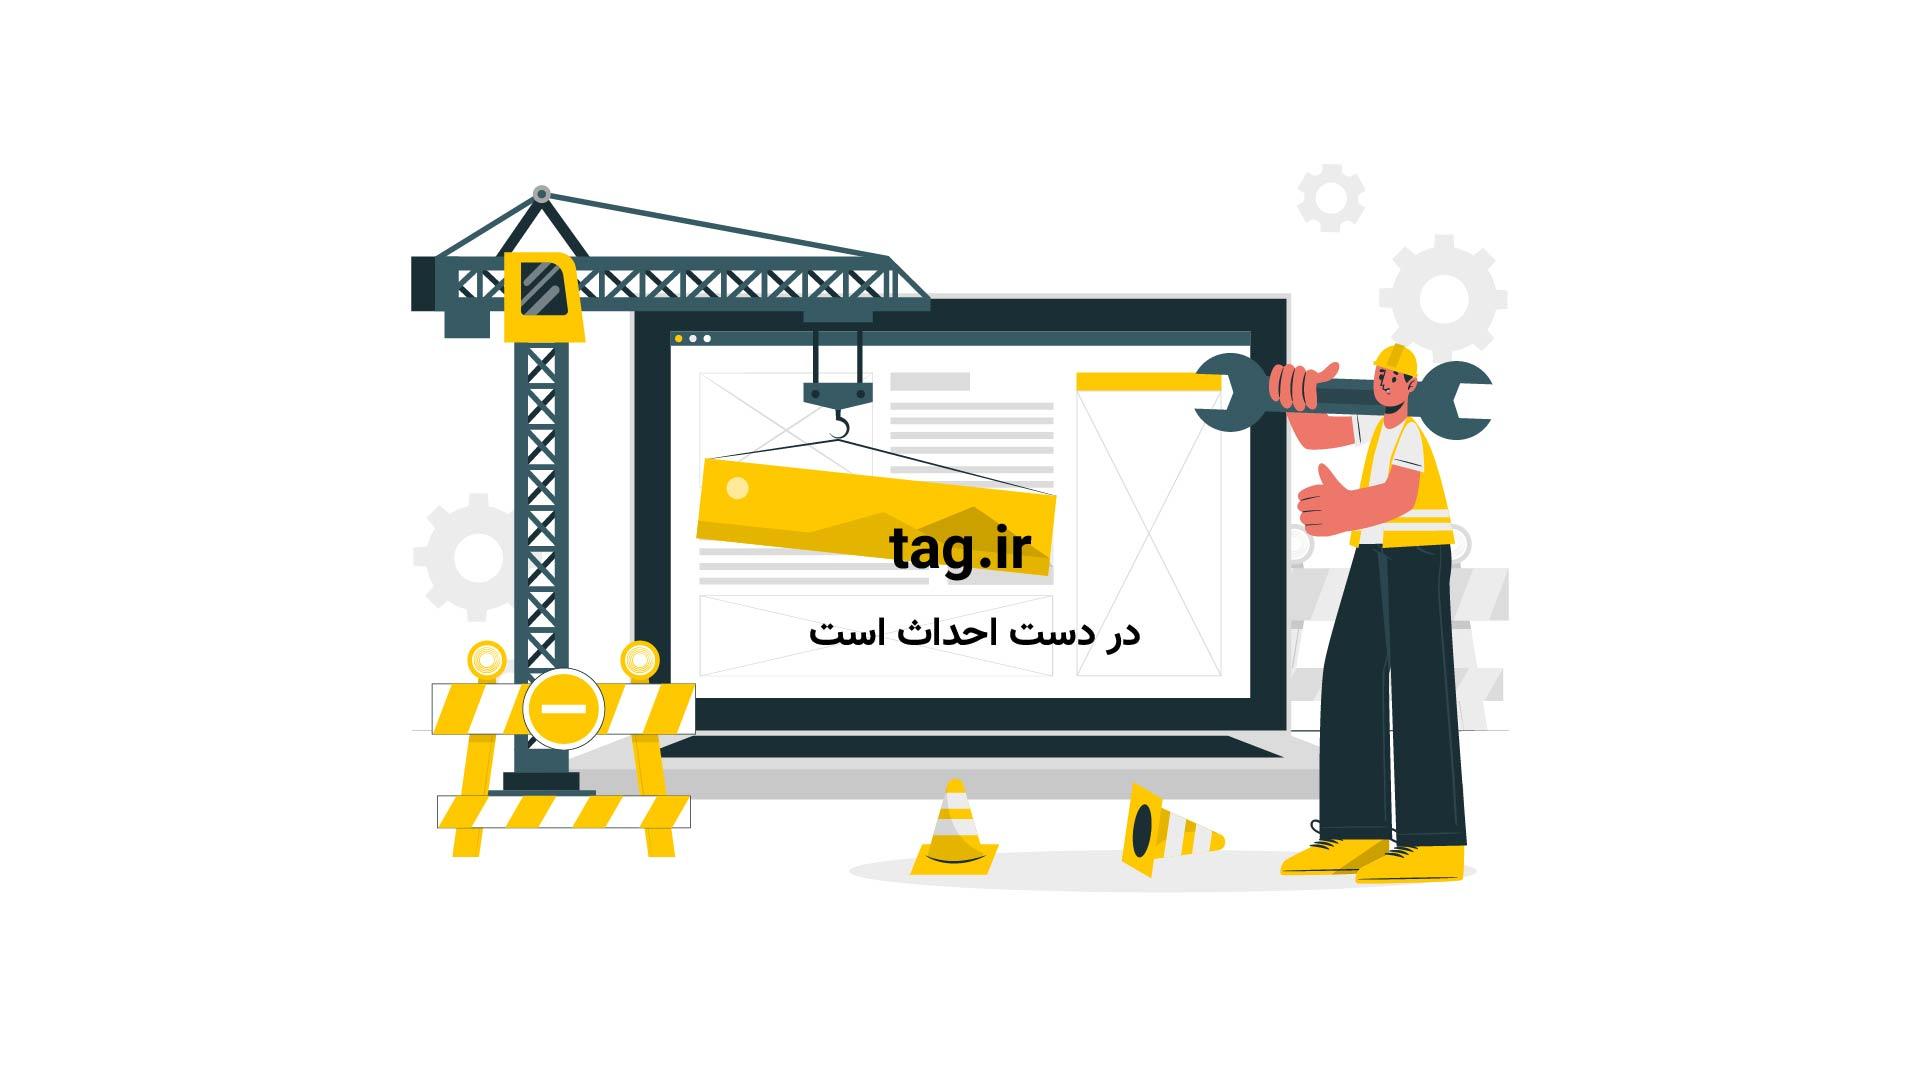 تیشرت هوشمند با قابلیت تعیین مسیر   فیلم